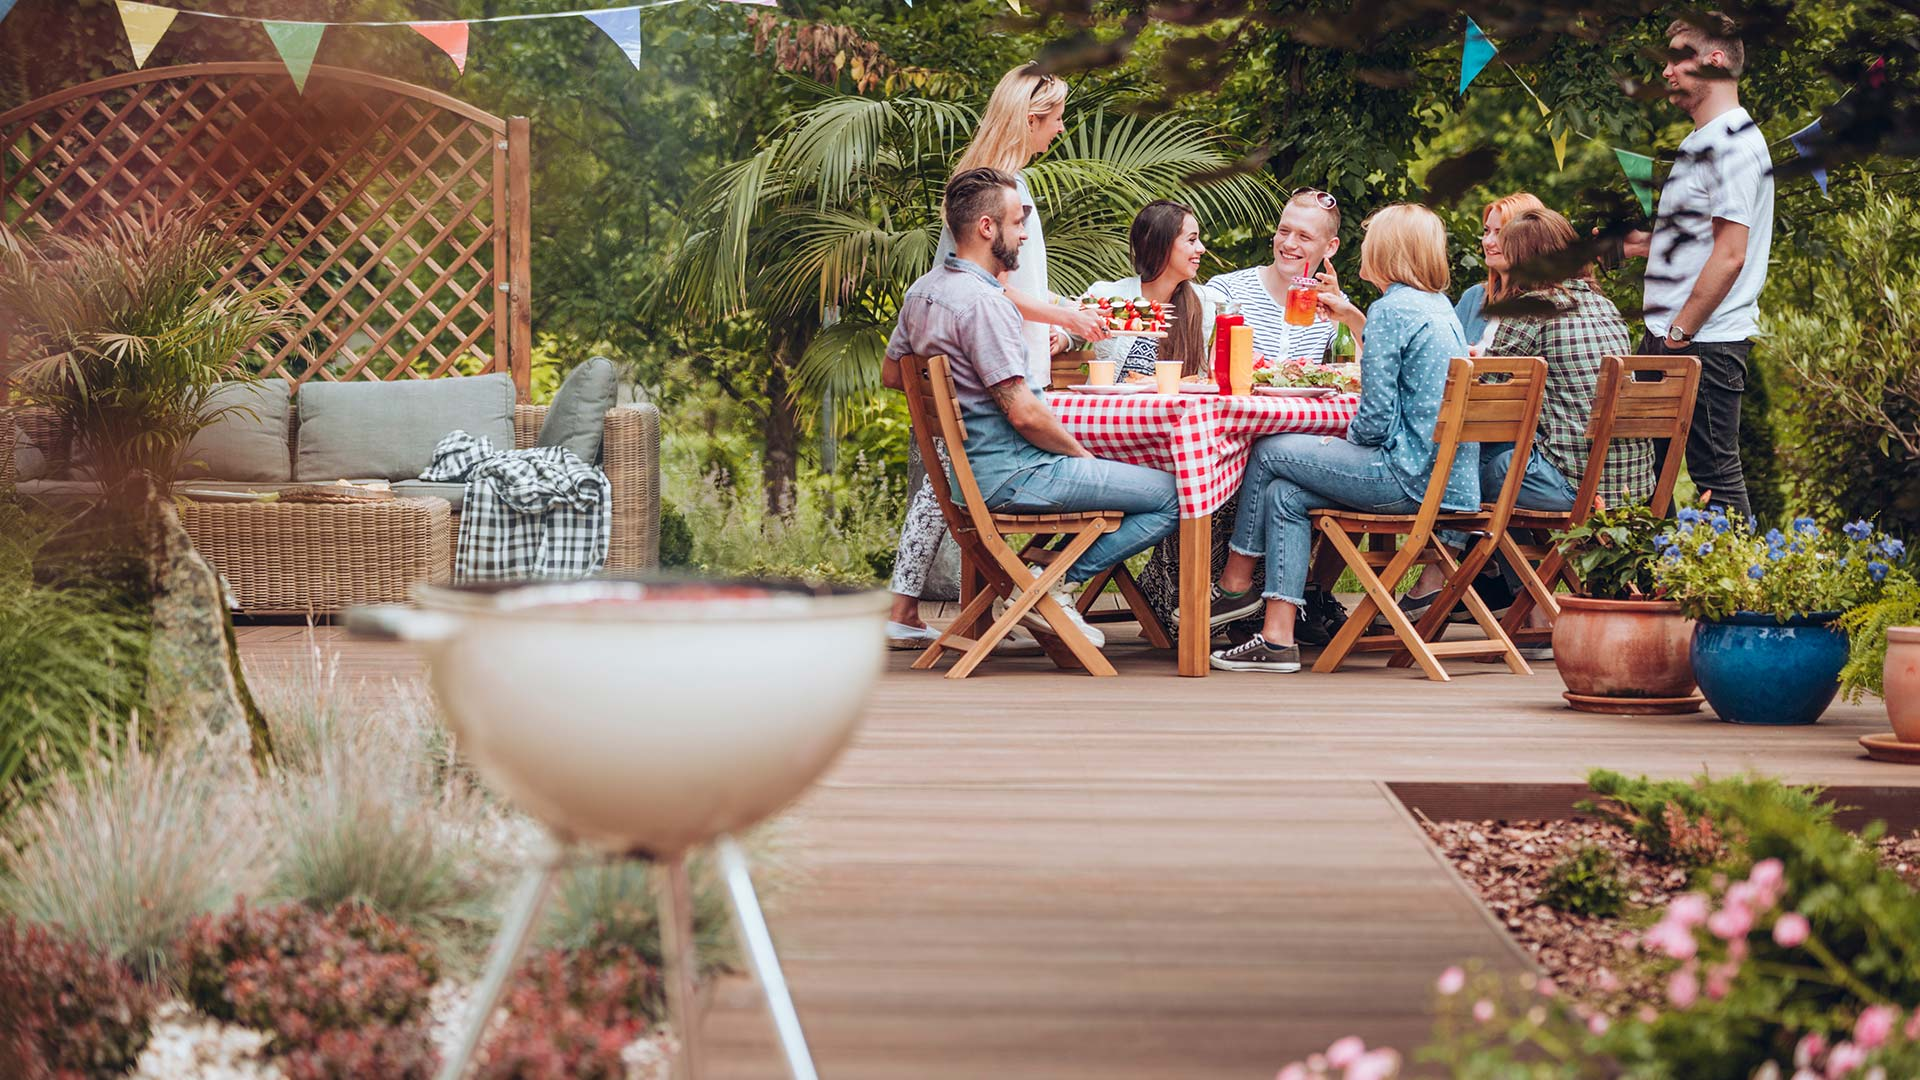 Paasactie van Spaansen met gratis barbecue!